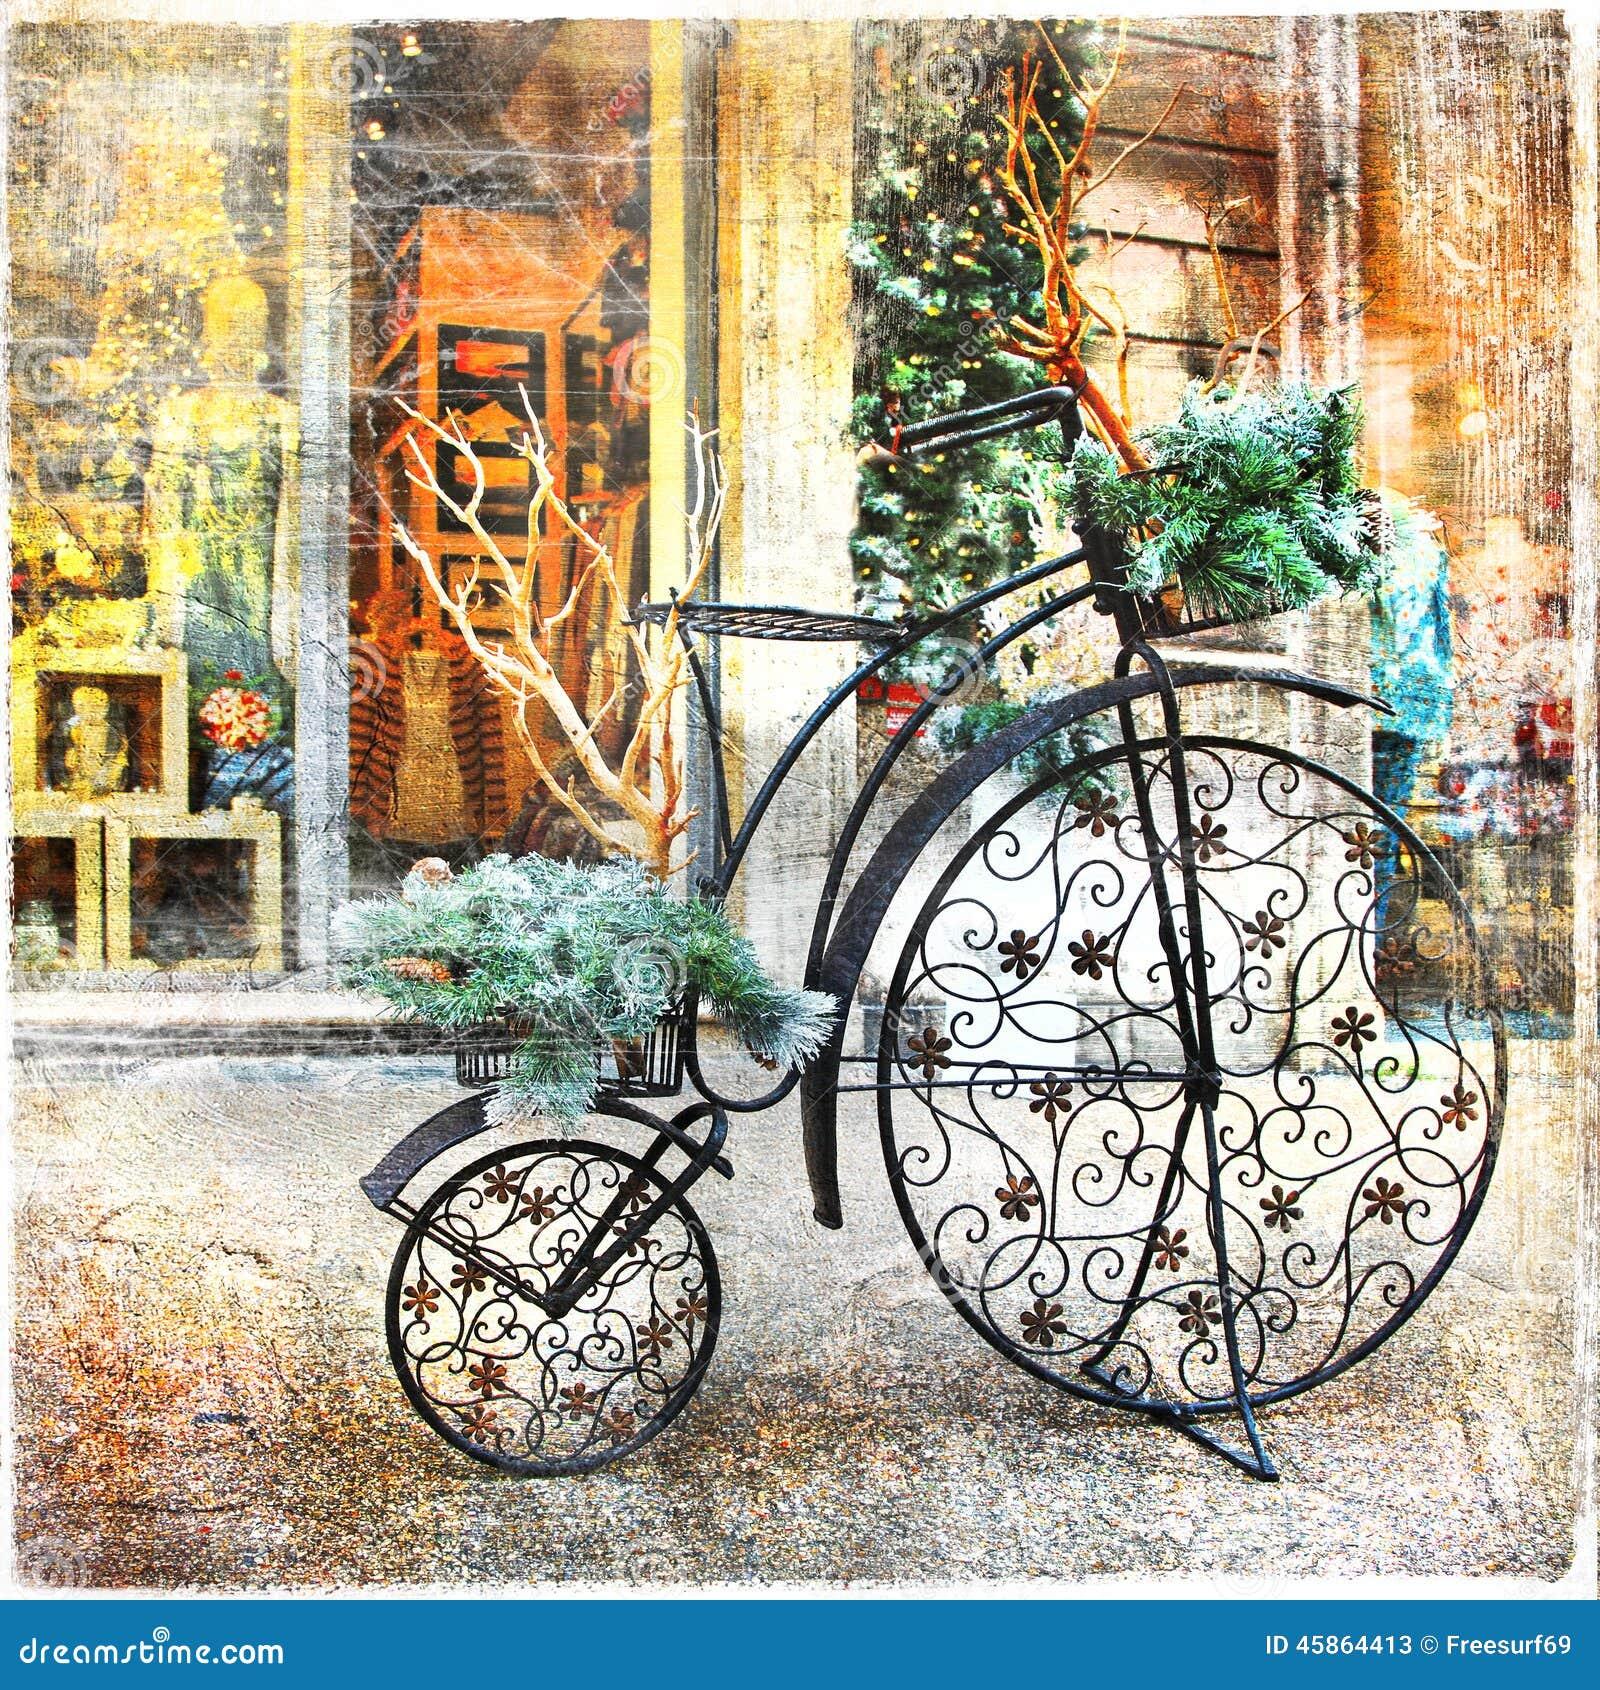 bici del vintage imagen de archivo imagen de grunge. Black Bedroom Furniture Sets. Home Design Ideas